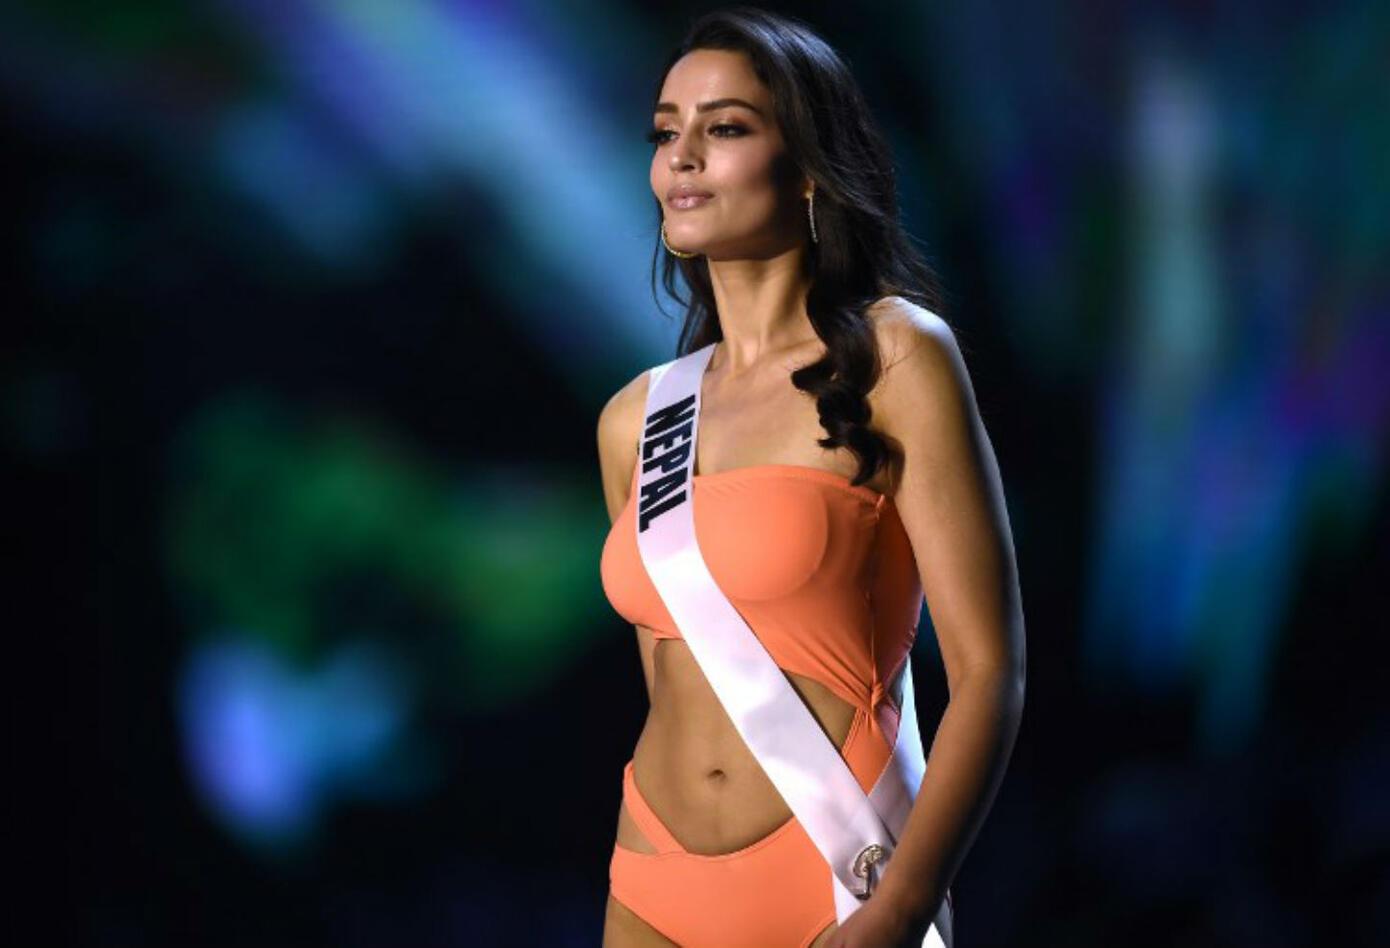 Miss Nepal, Manita Devkota